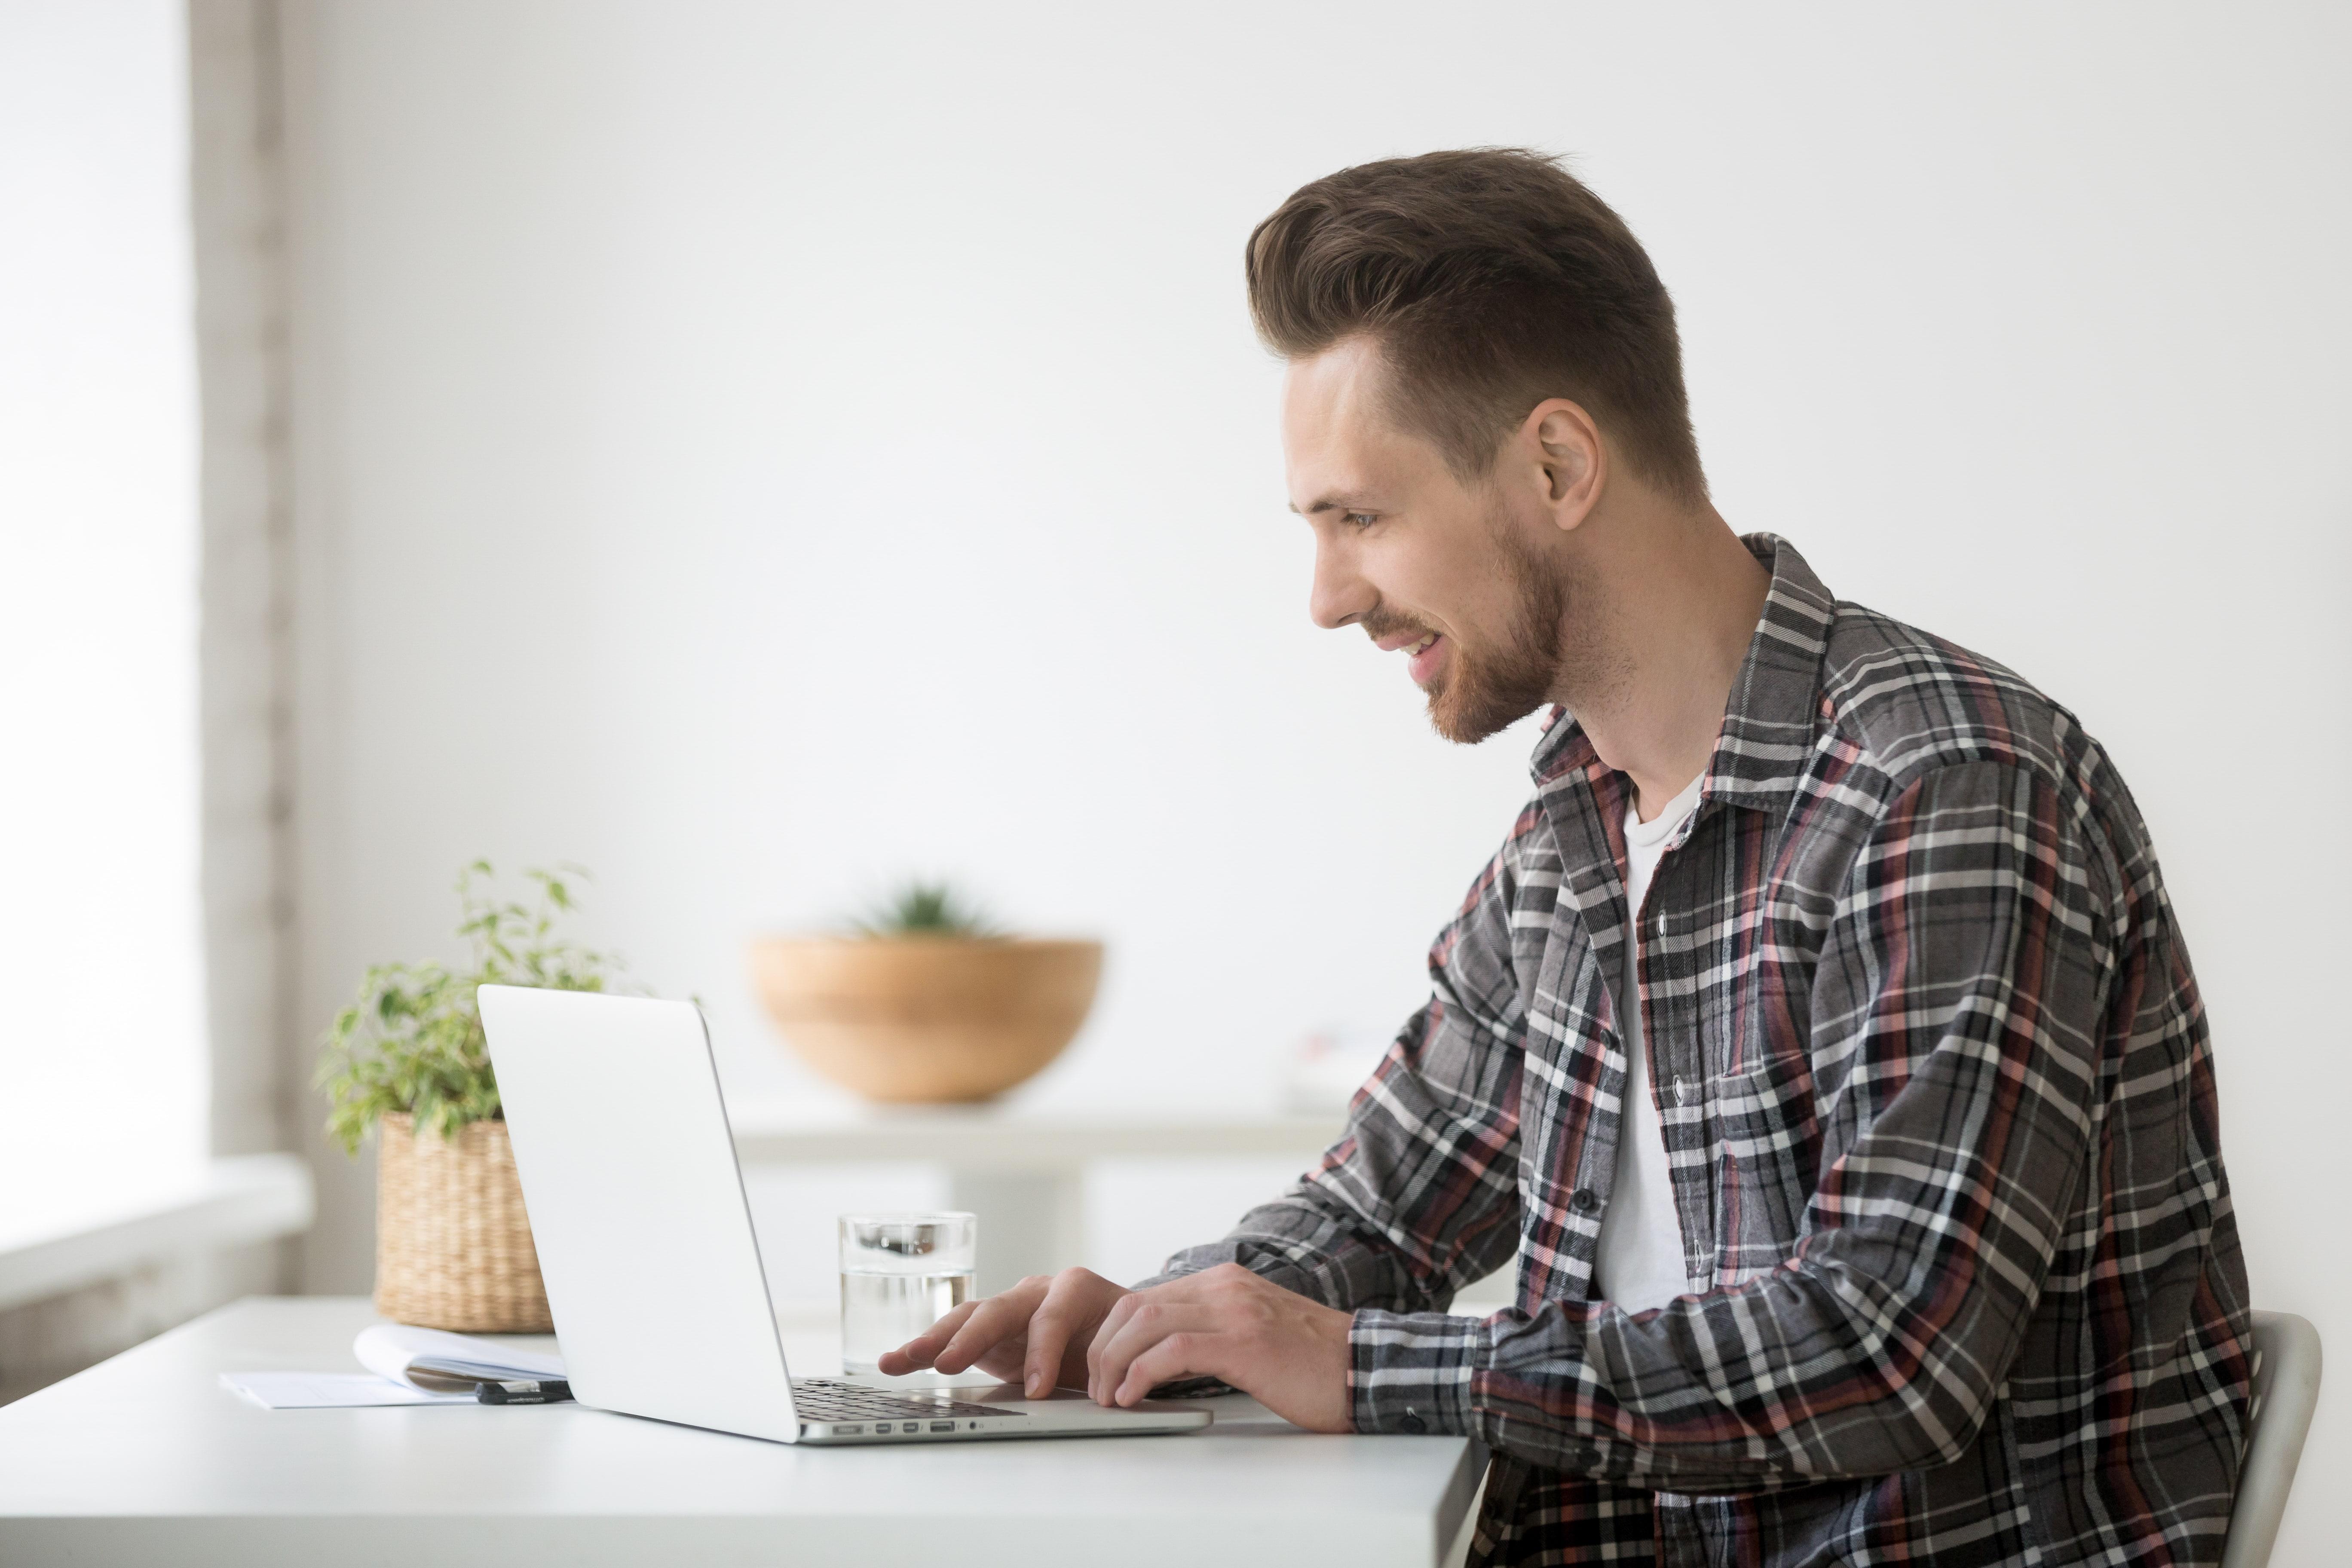 Sebrae Cursos Online Gratis Sobre Empreendedorismo Para Fazer Em Casa